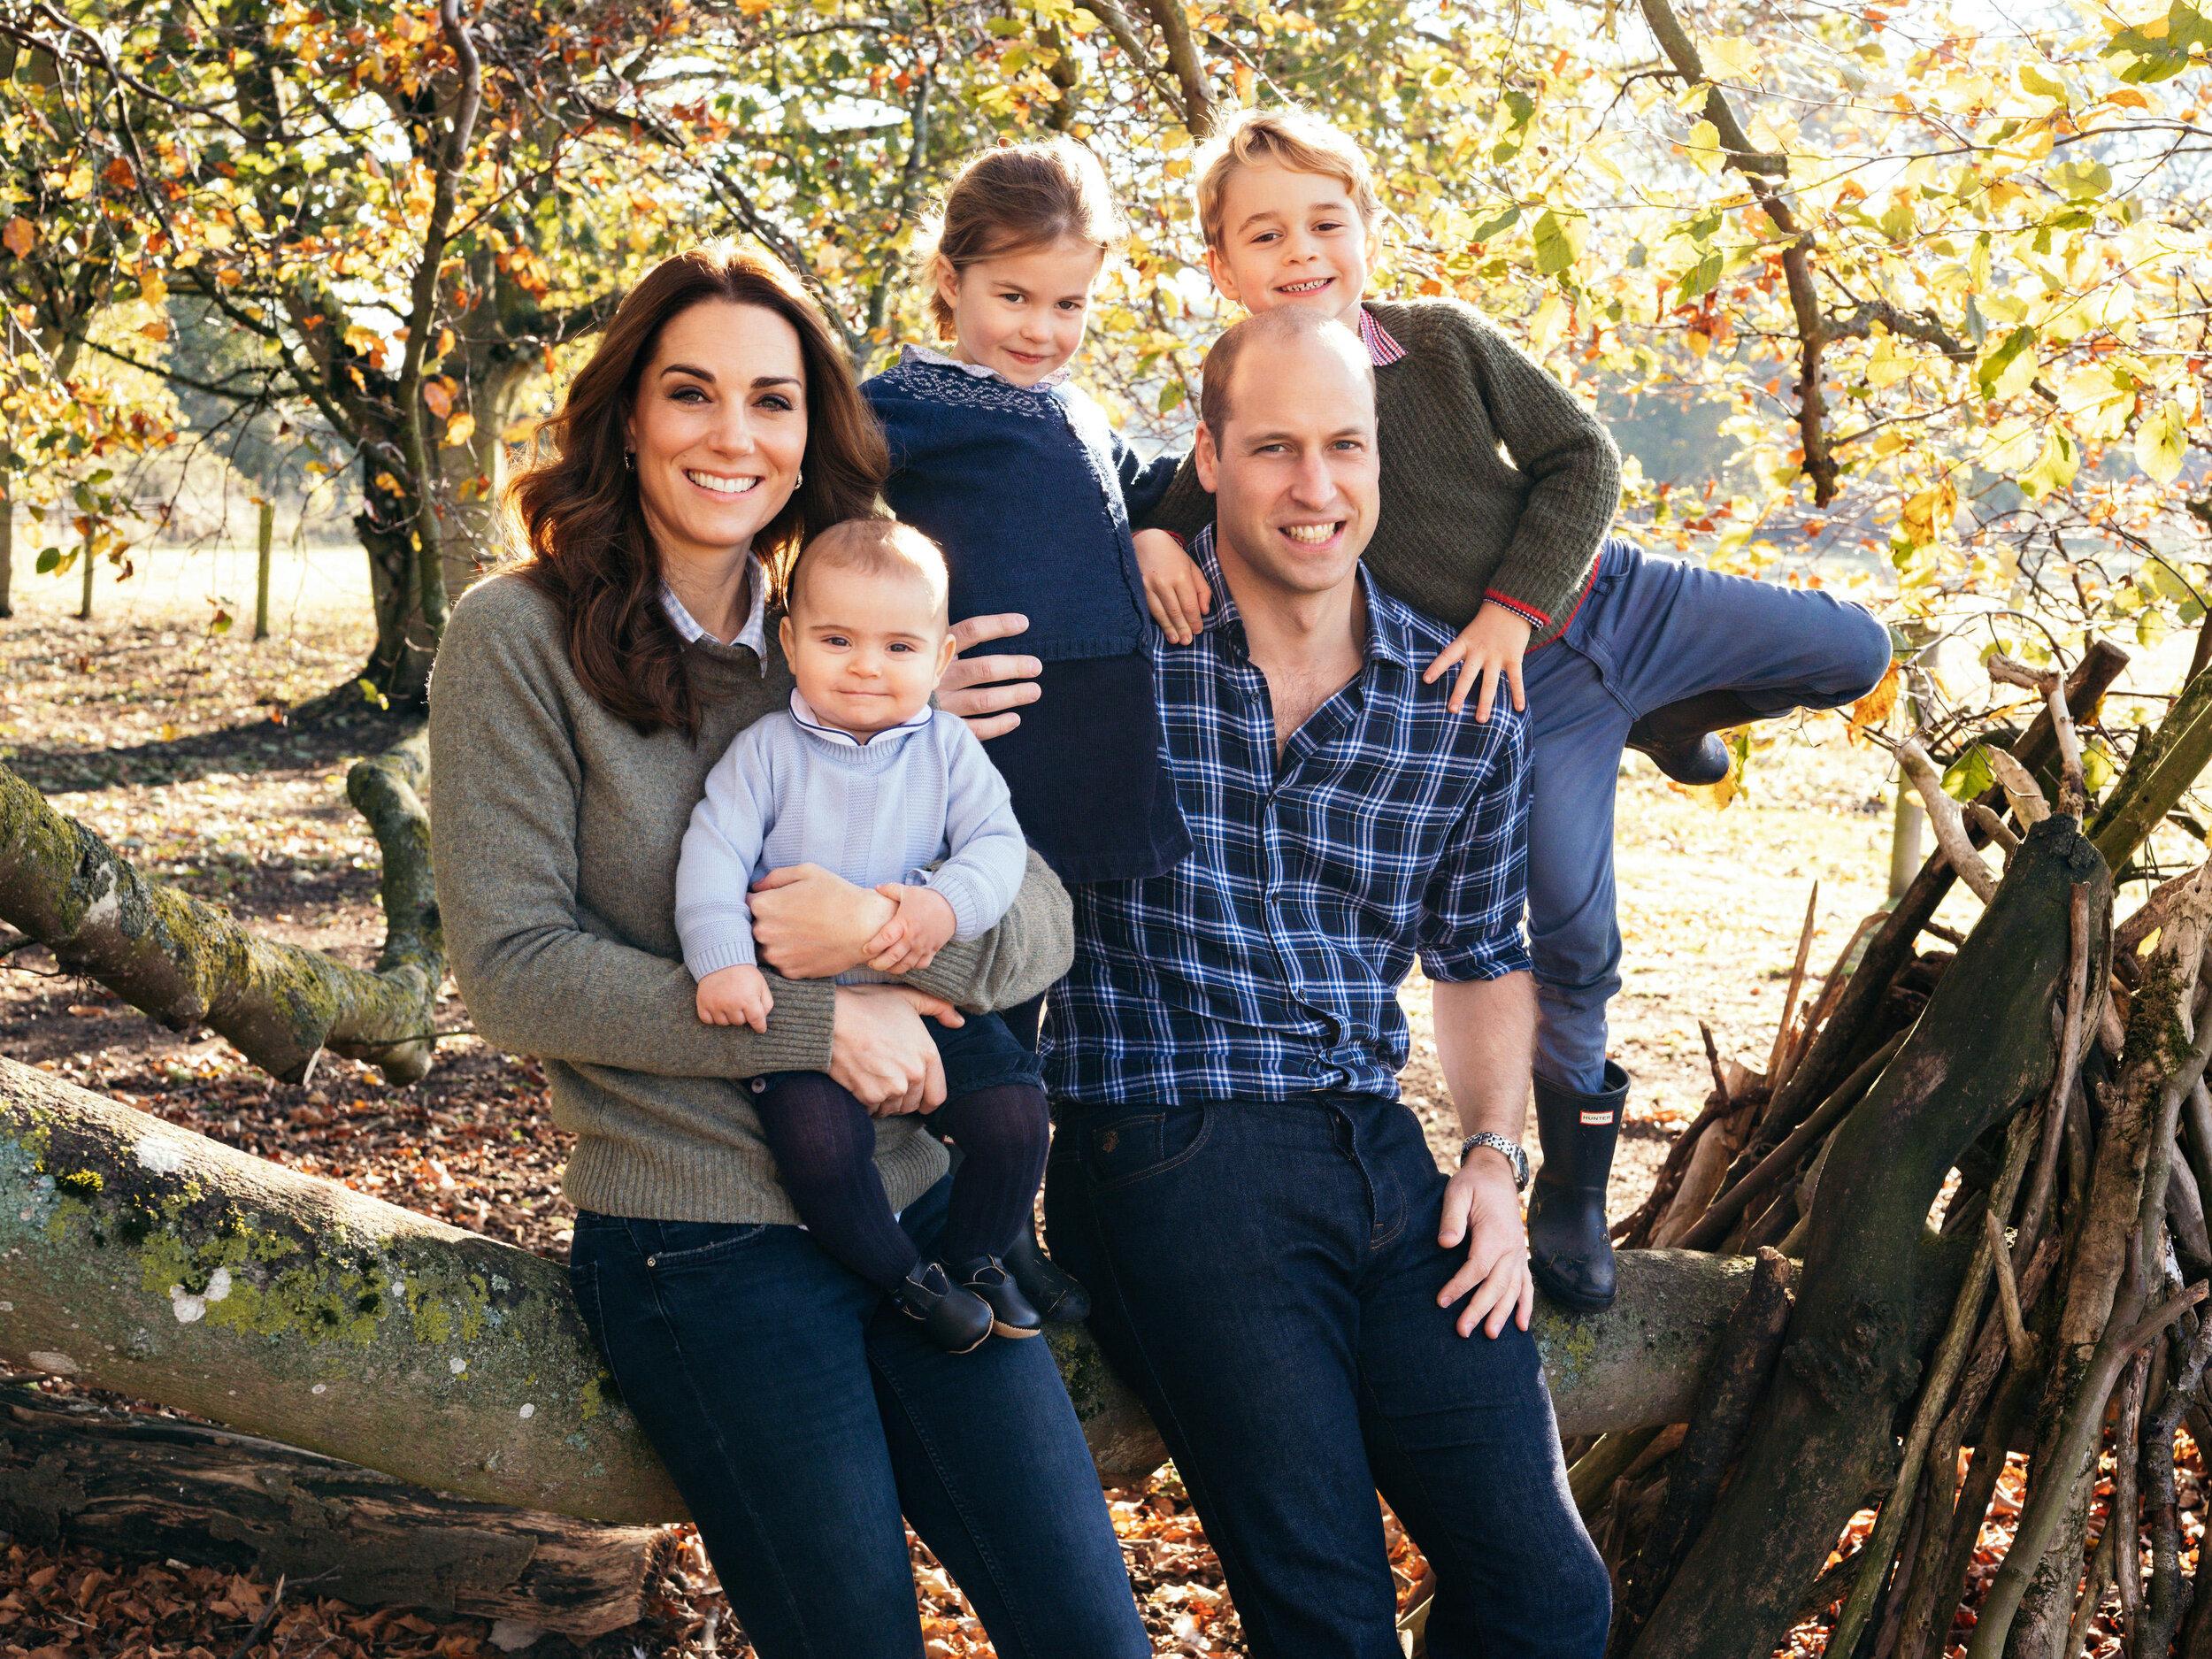 Herzogin Kate und Prinz William haben ihren Kindern die Liebe zum Sport vermittelt. Neben Schwimmen steht auch Fußball hoch im Kurs.  © picture alliance / Photoshot